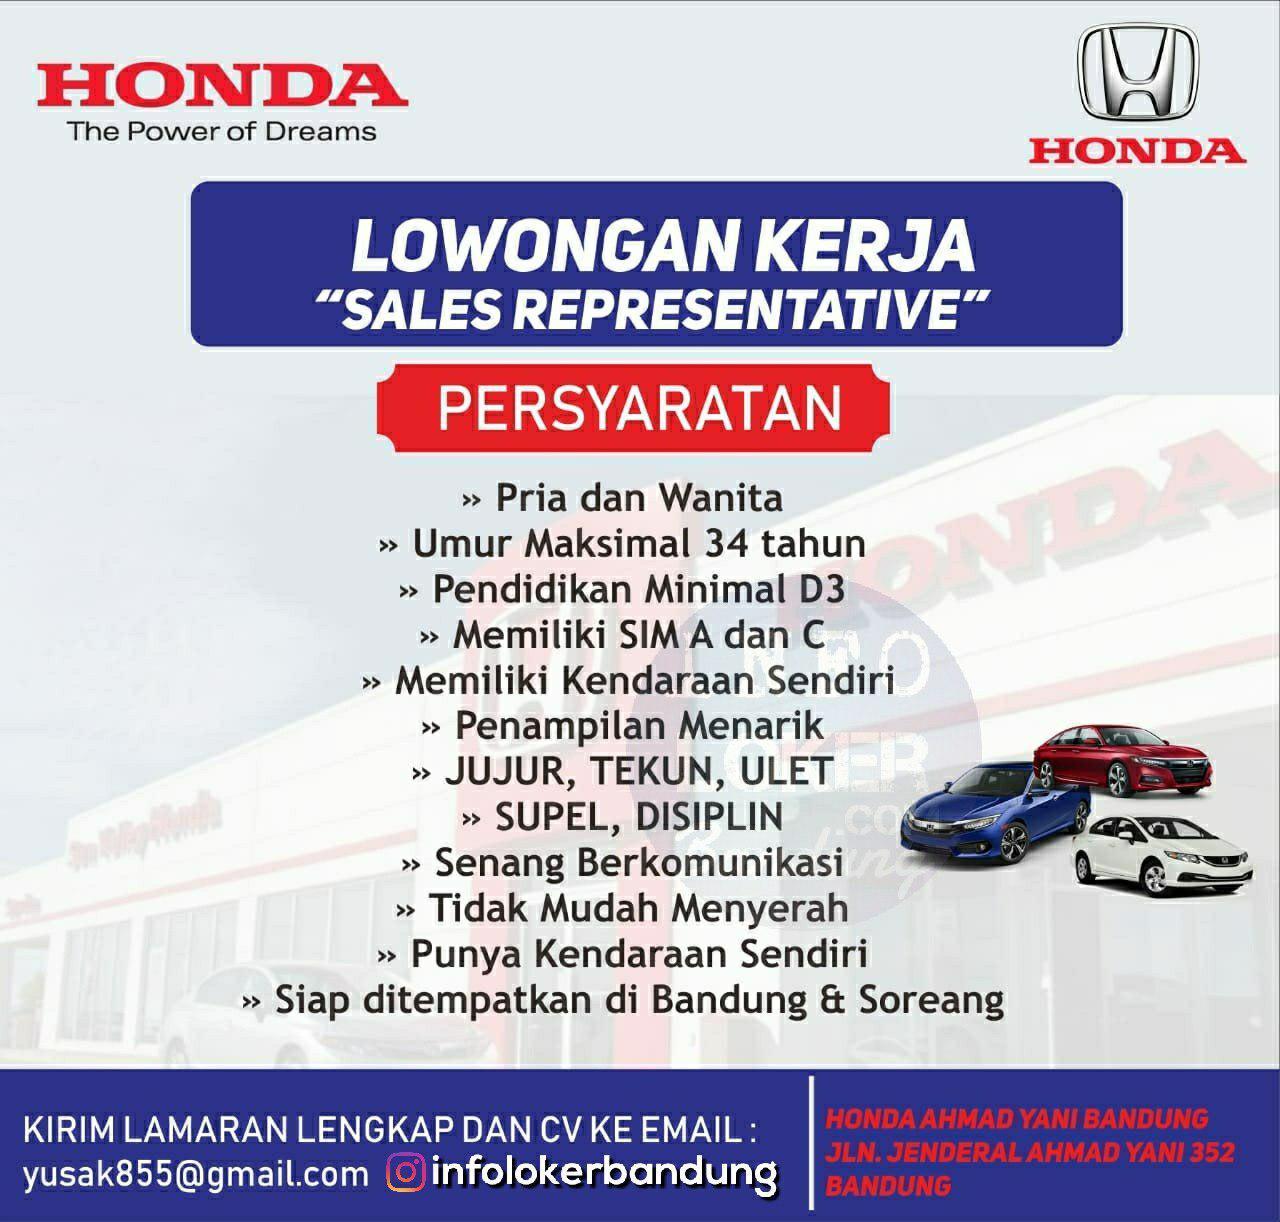 Lowongan Kerja Honda Ahmad Yani Bandung Desember 2018